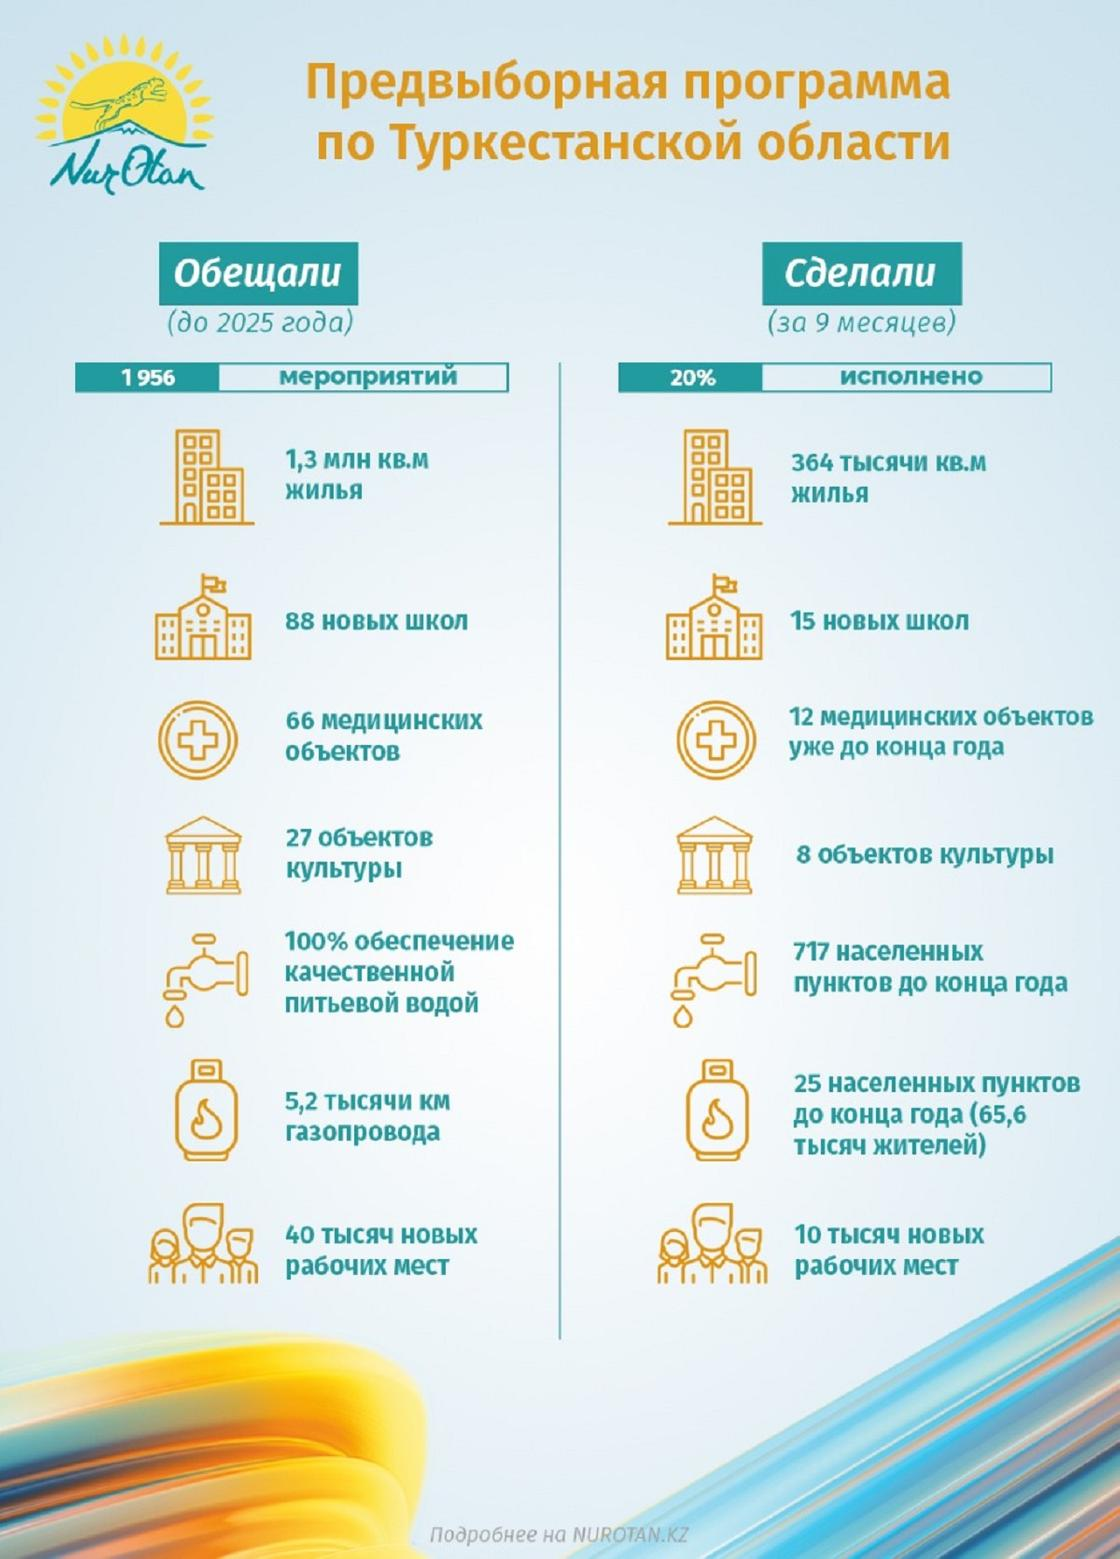 Программа партии Nur Otan